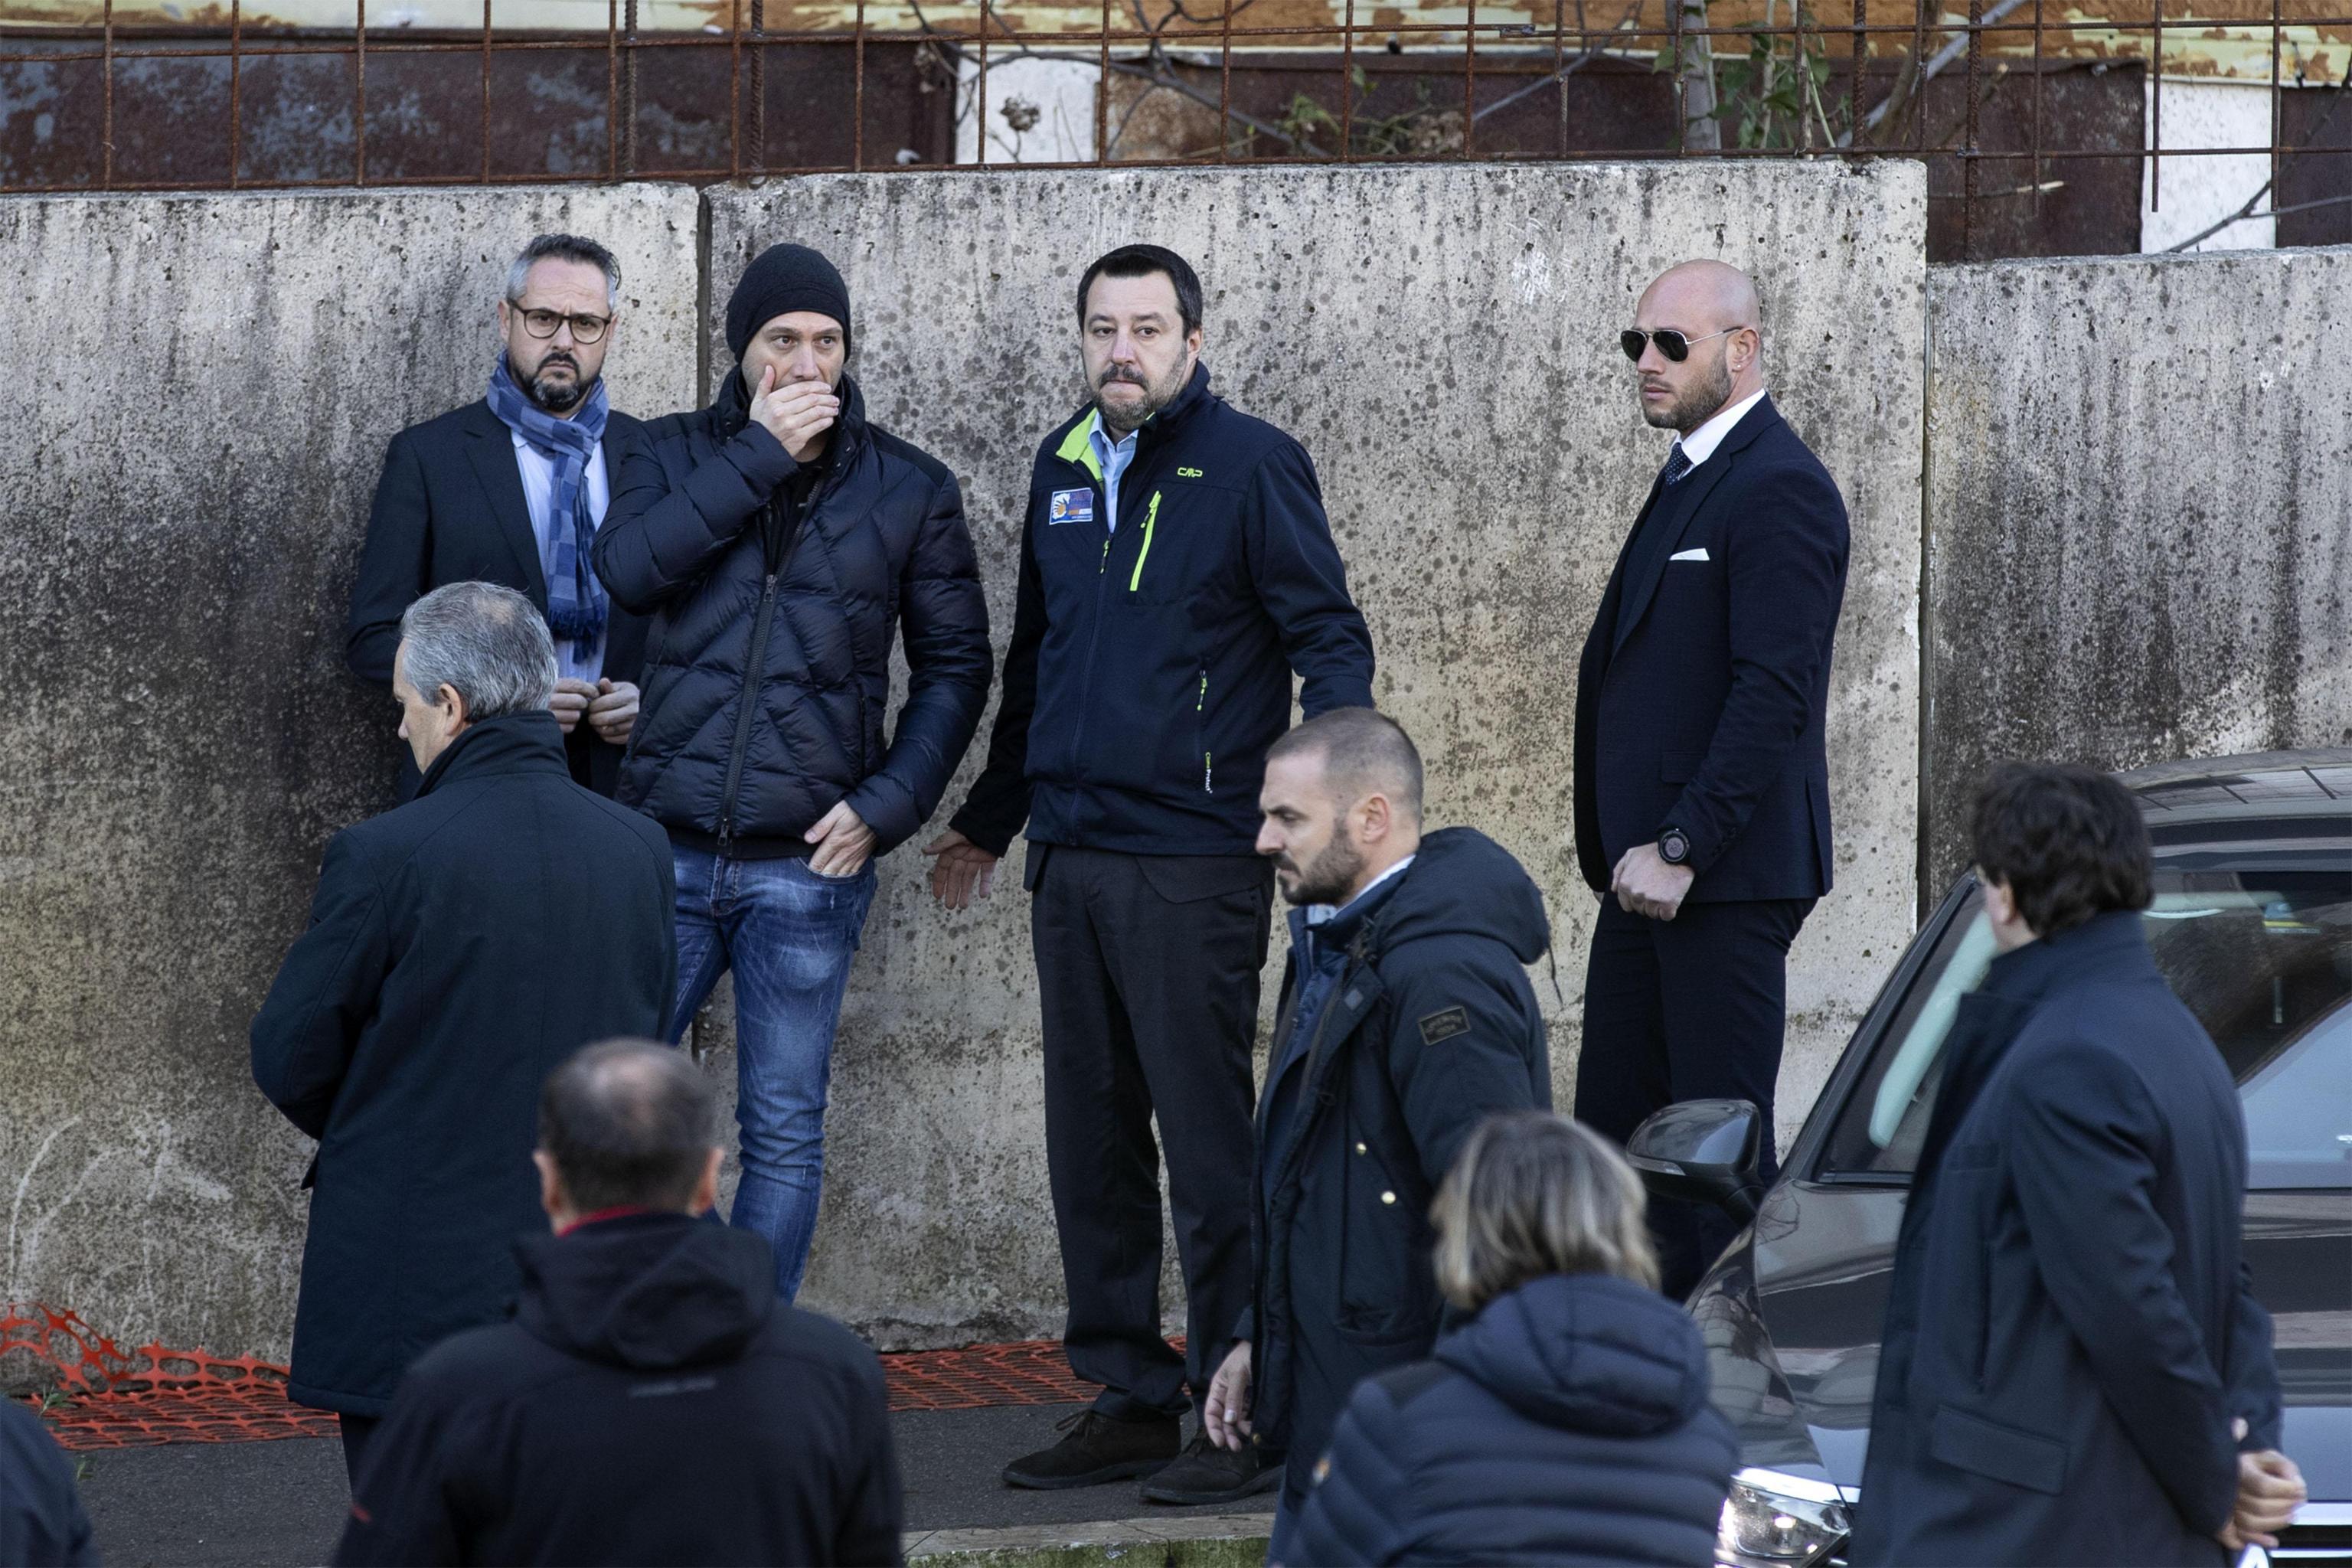 Oggi, nello sgombero dell'ex fabbrica di penicillina a Roma, è intervenuto anche il vicepremier e ministro dell'interno Matteo Salvini